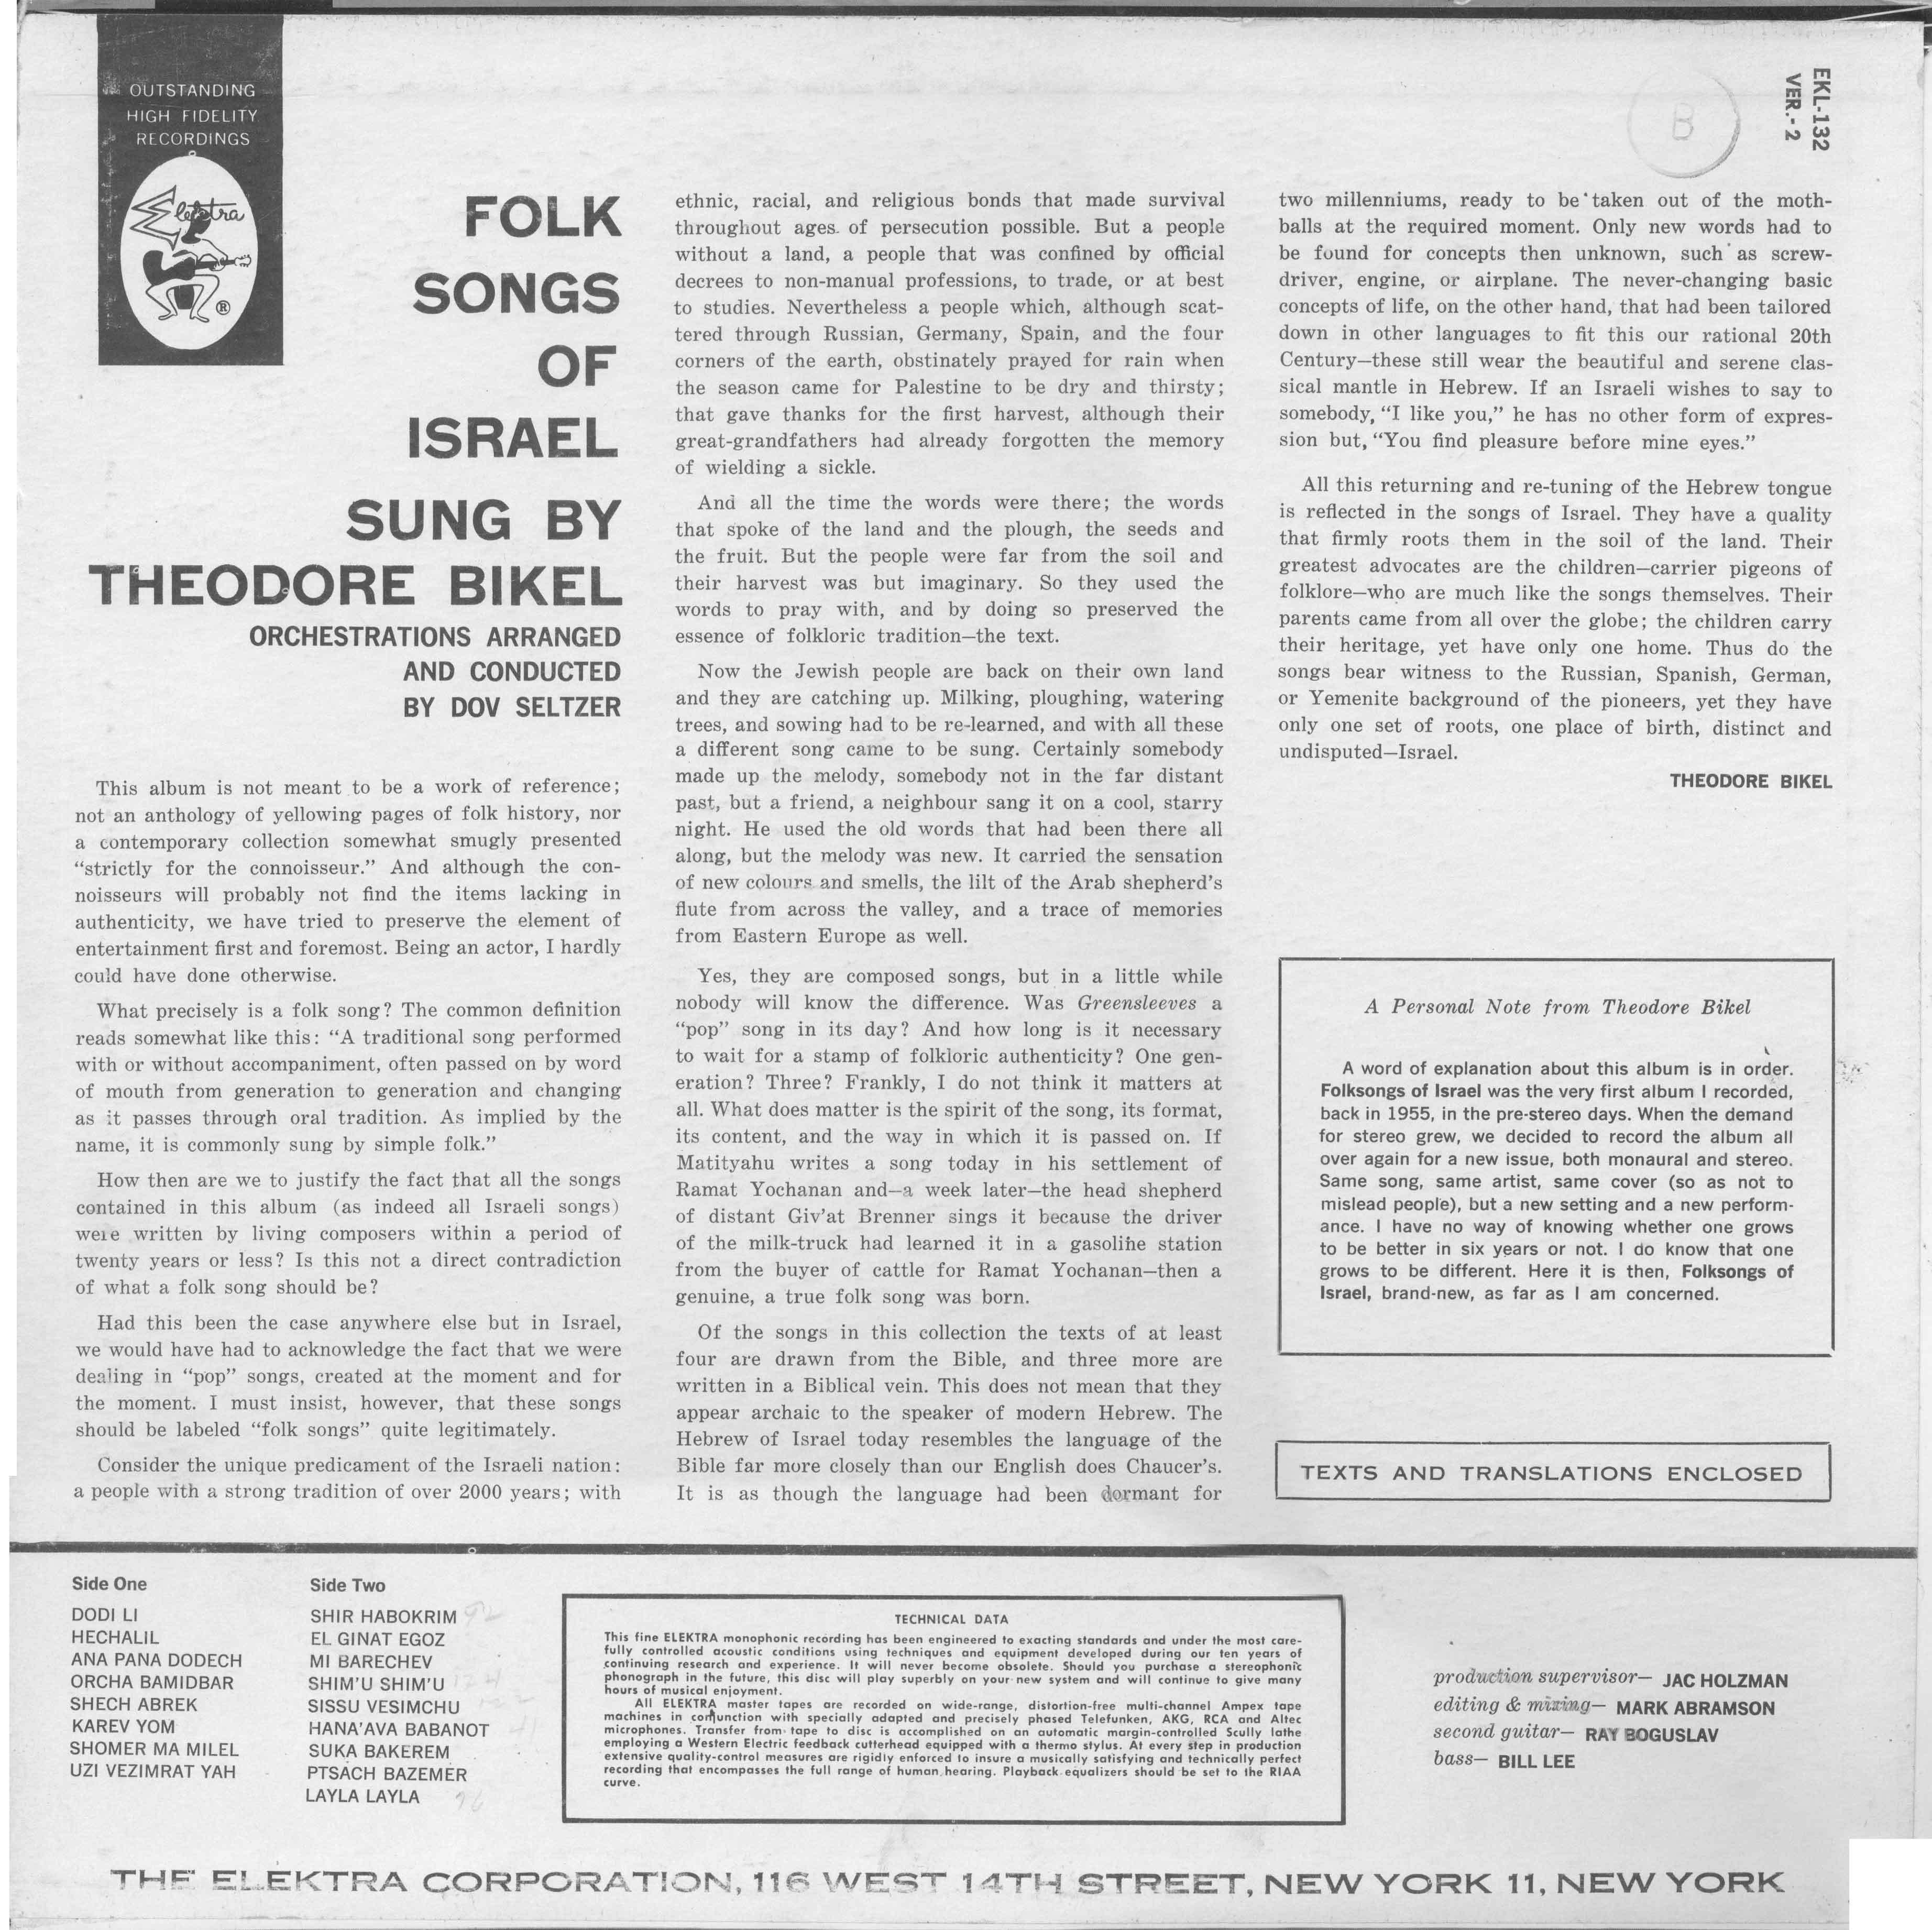 Songs of Israel 1955 Back